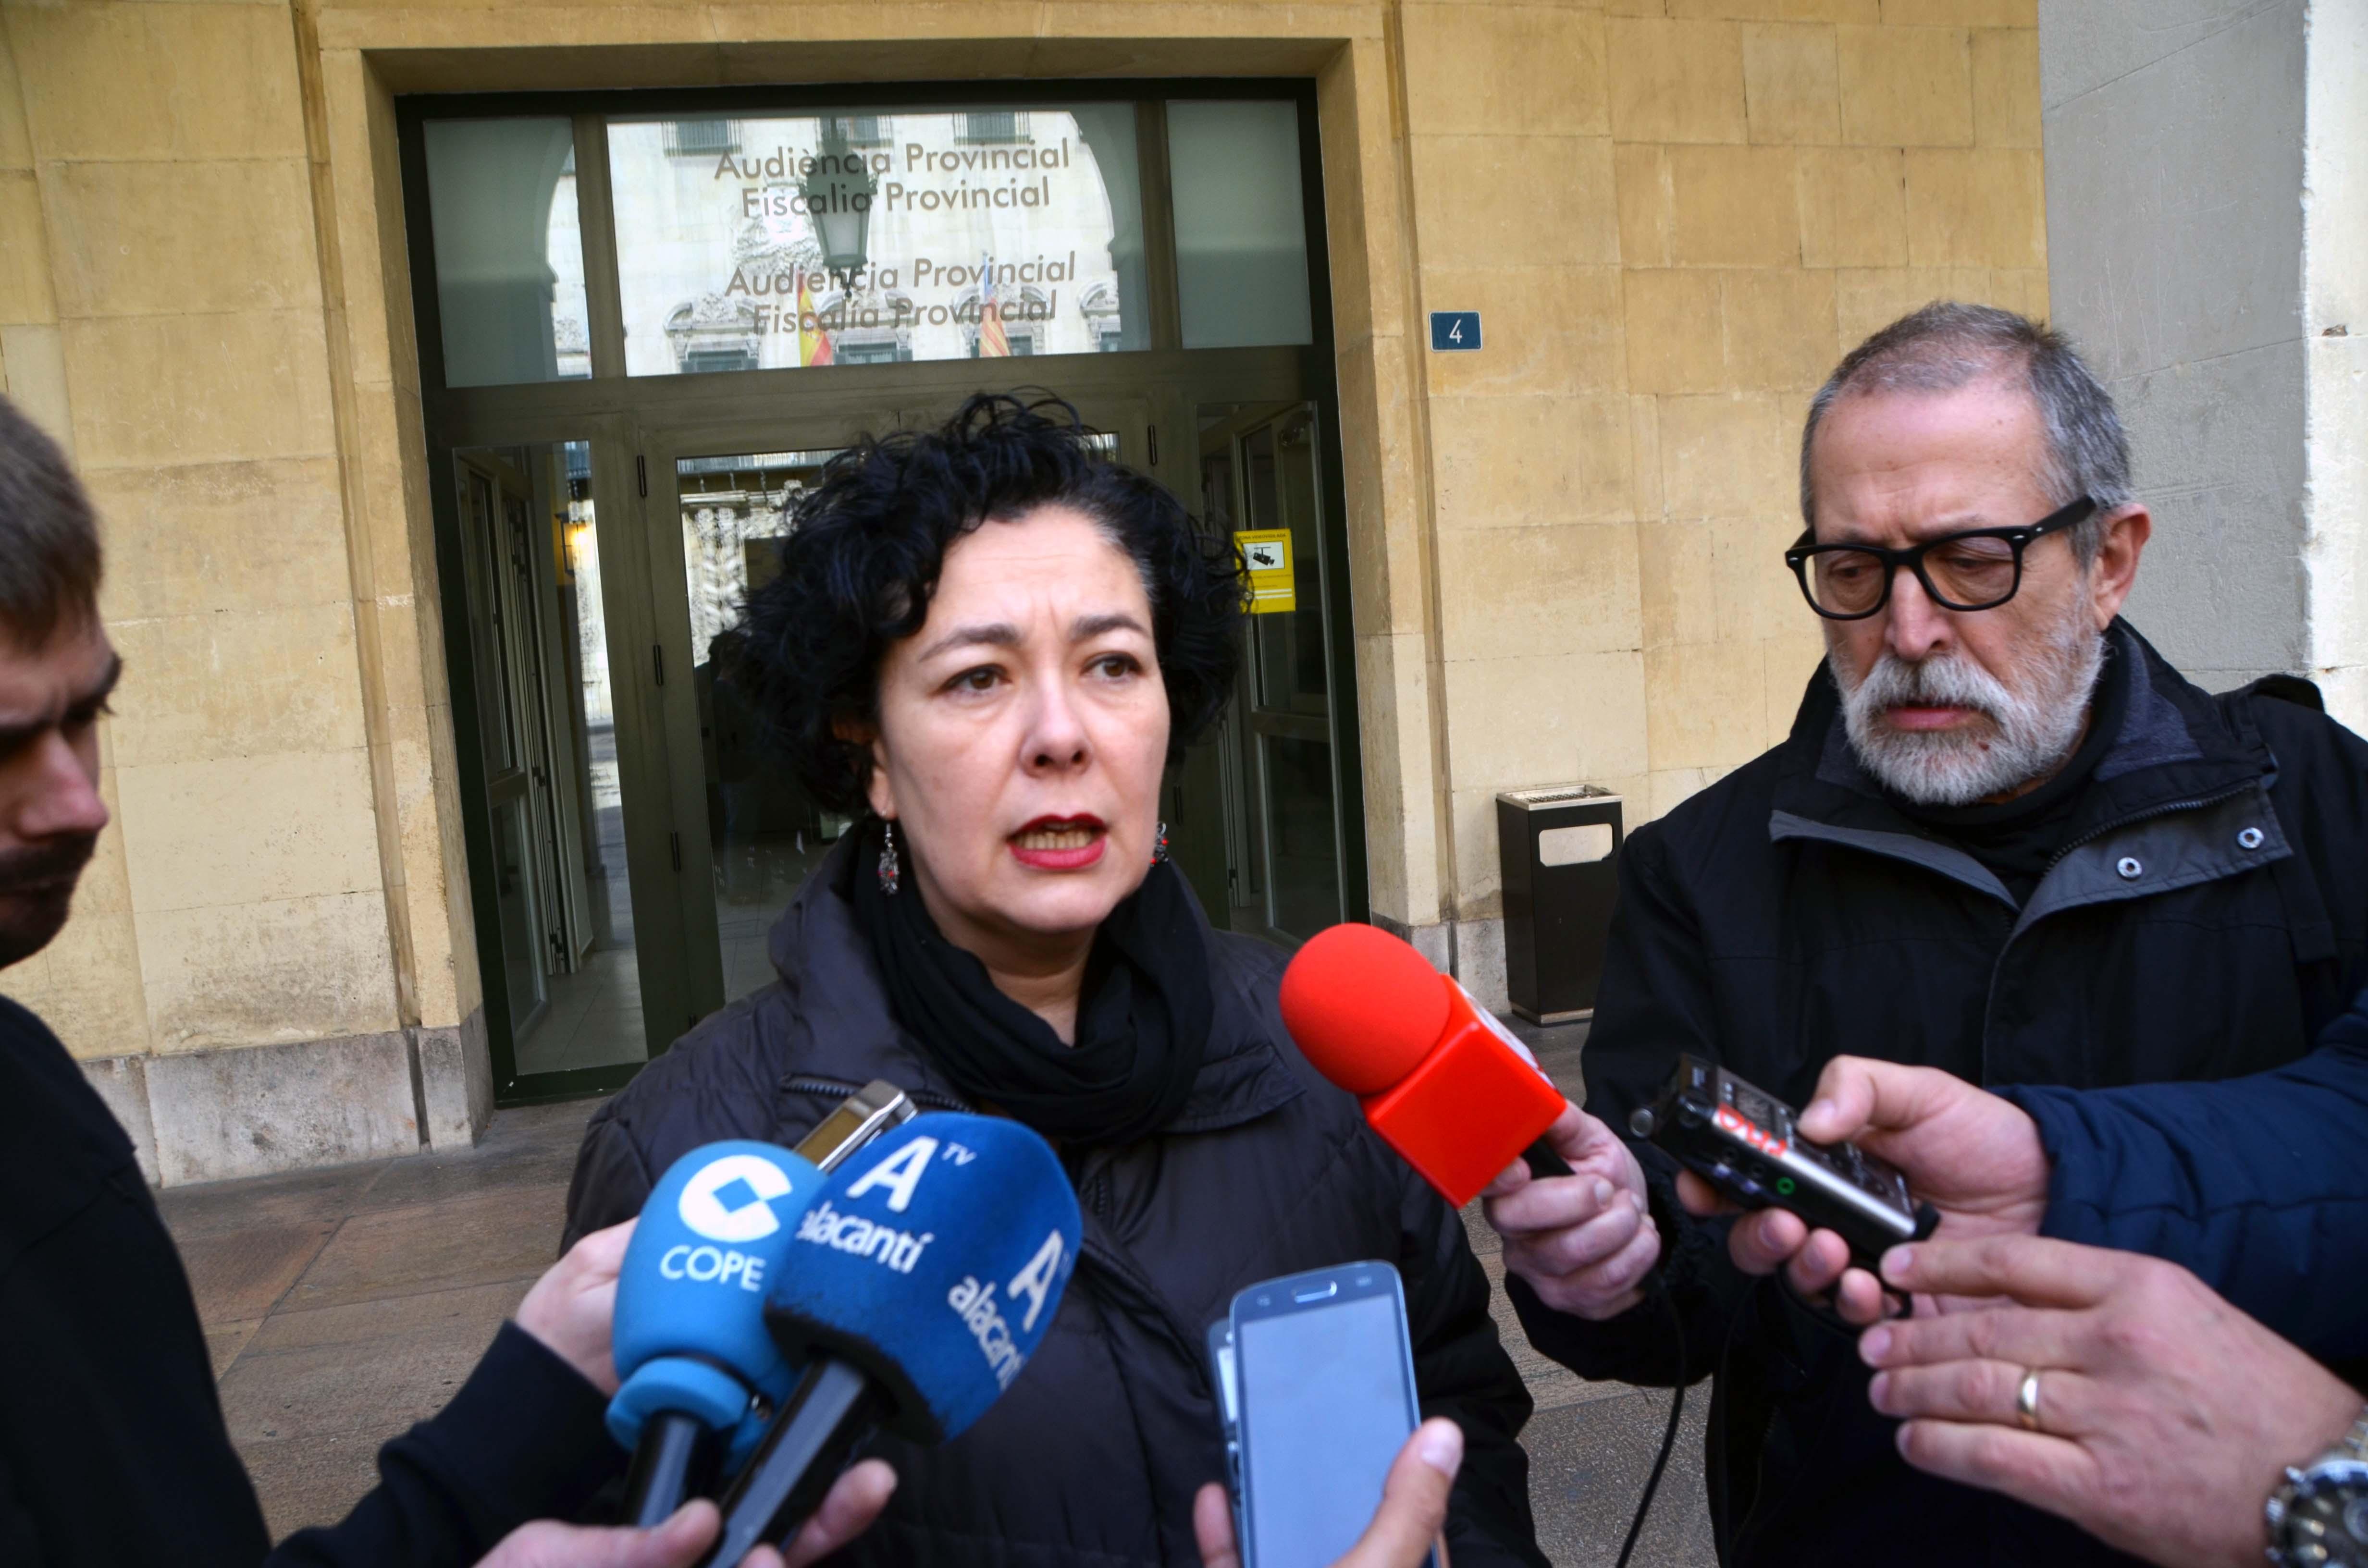 EUPV propone recuperar la gestión de la piscina del Hogar Provincial